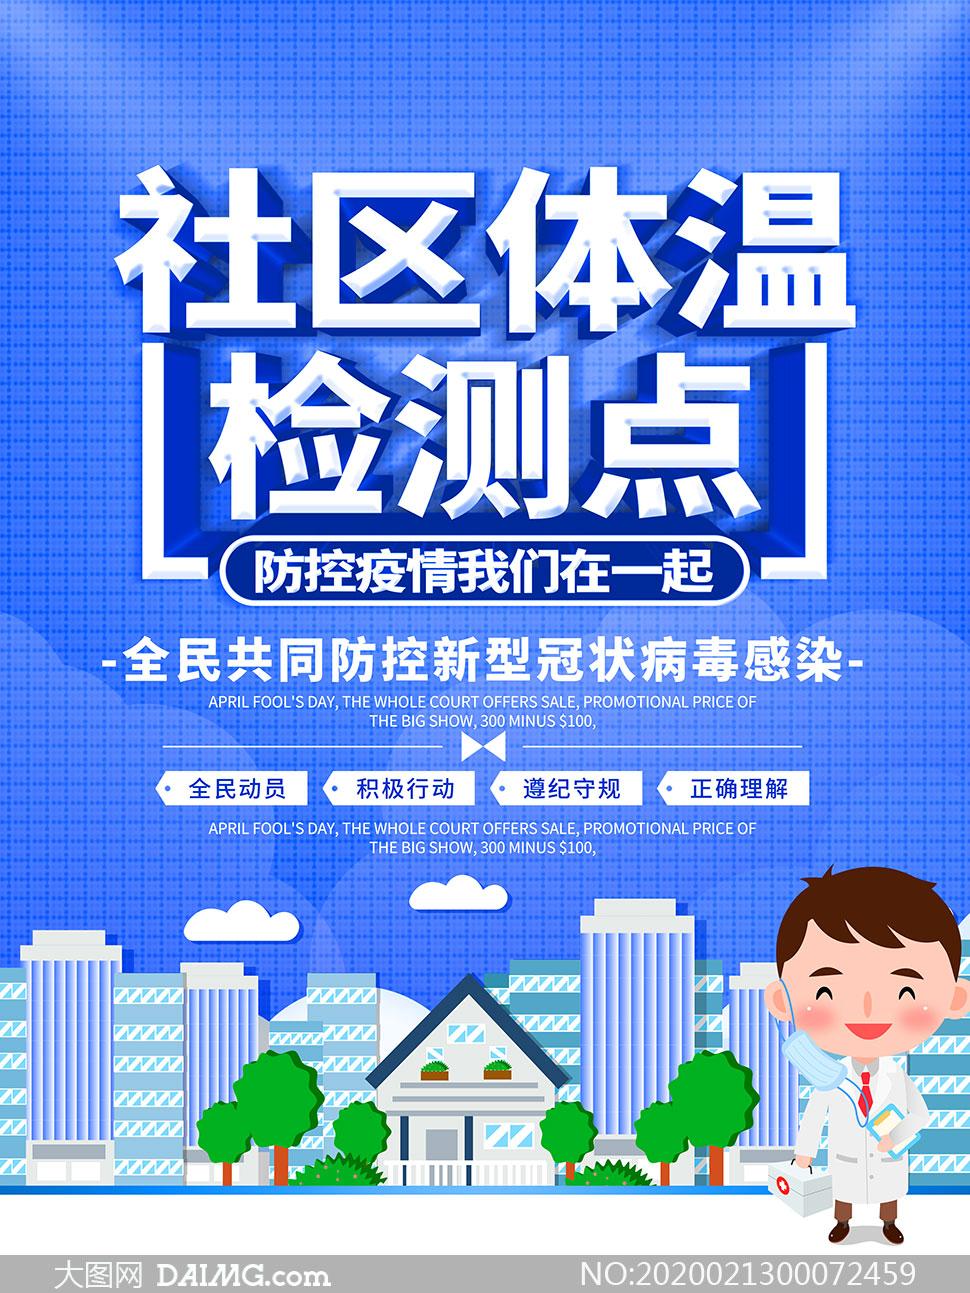 社区体温监测点宣传海报设计PSD素材